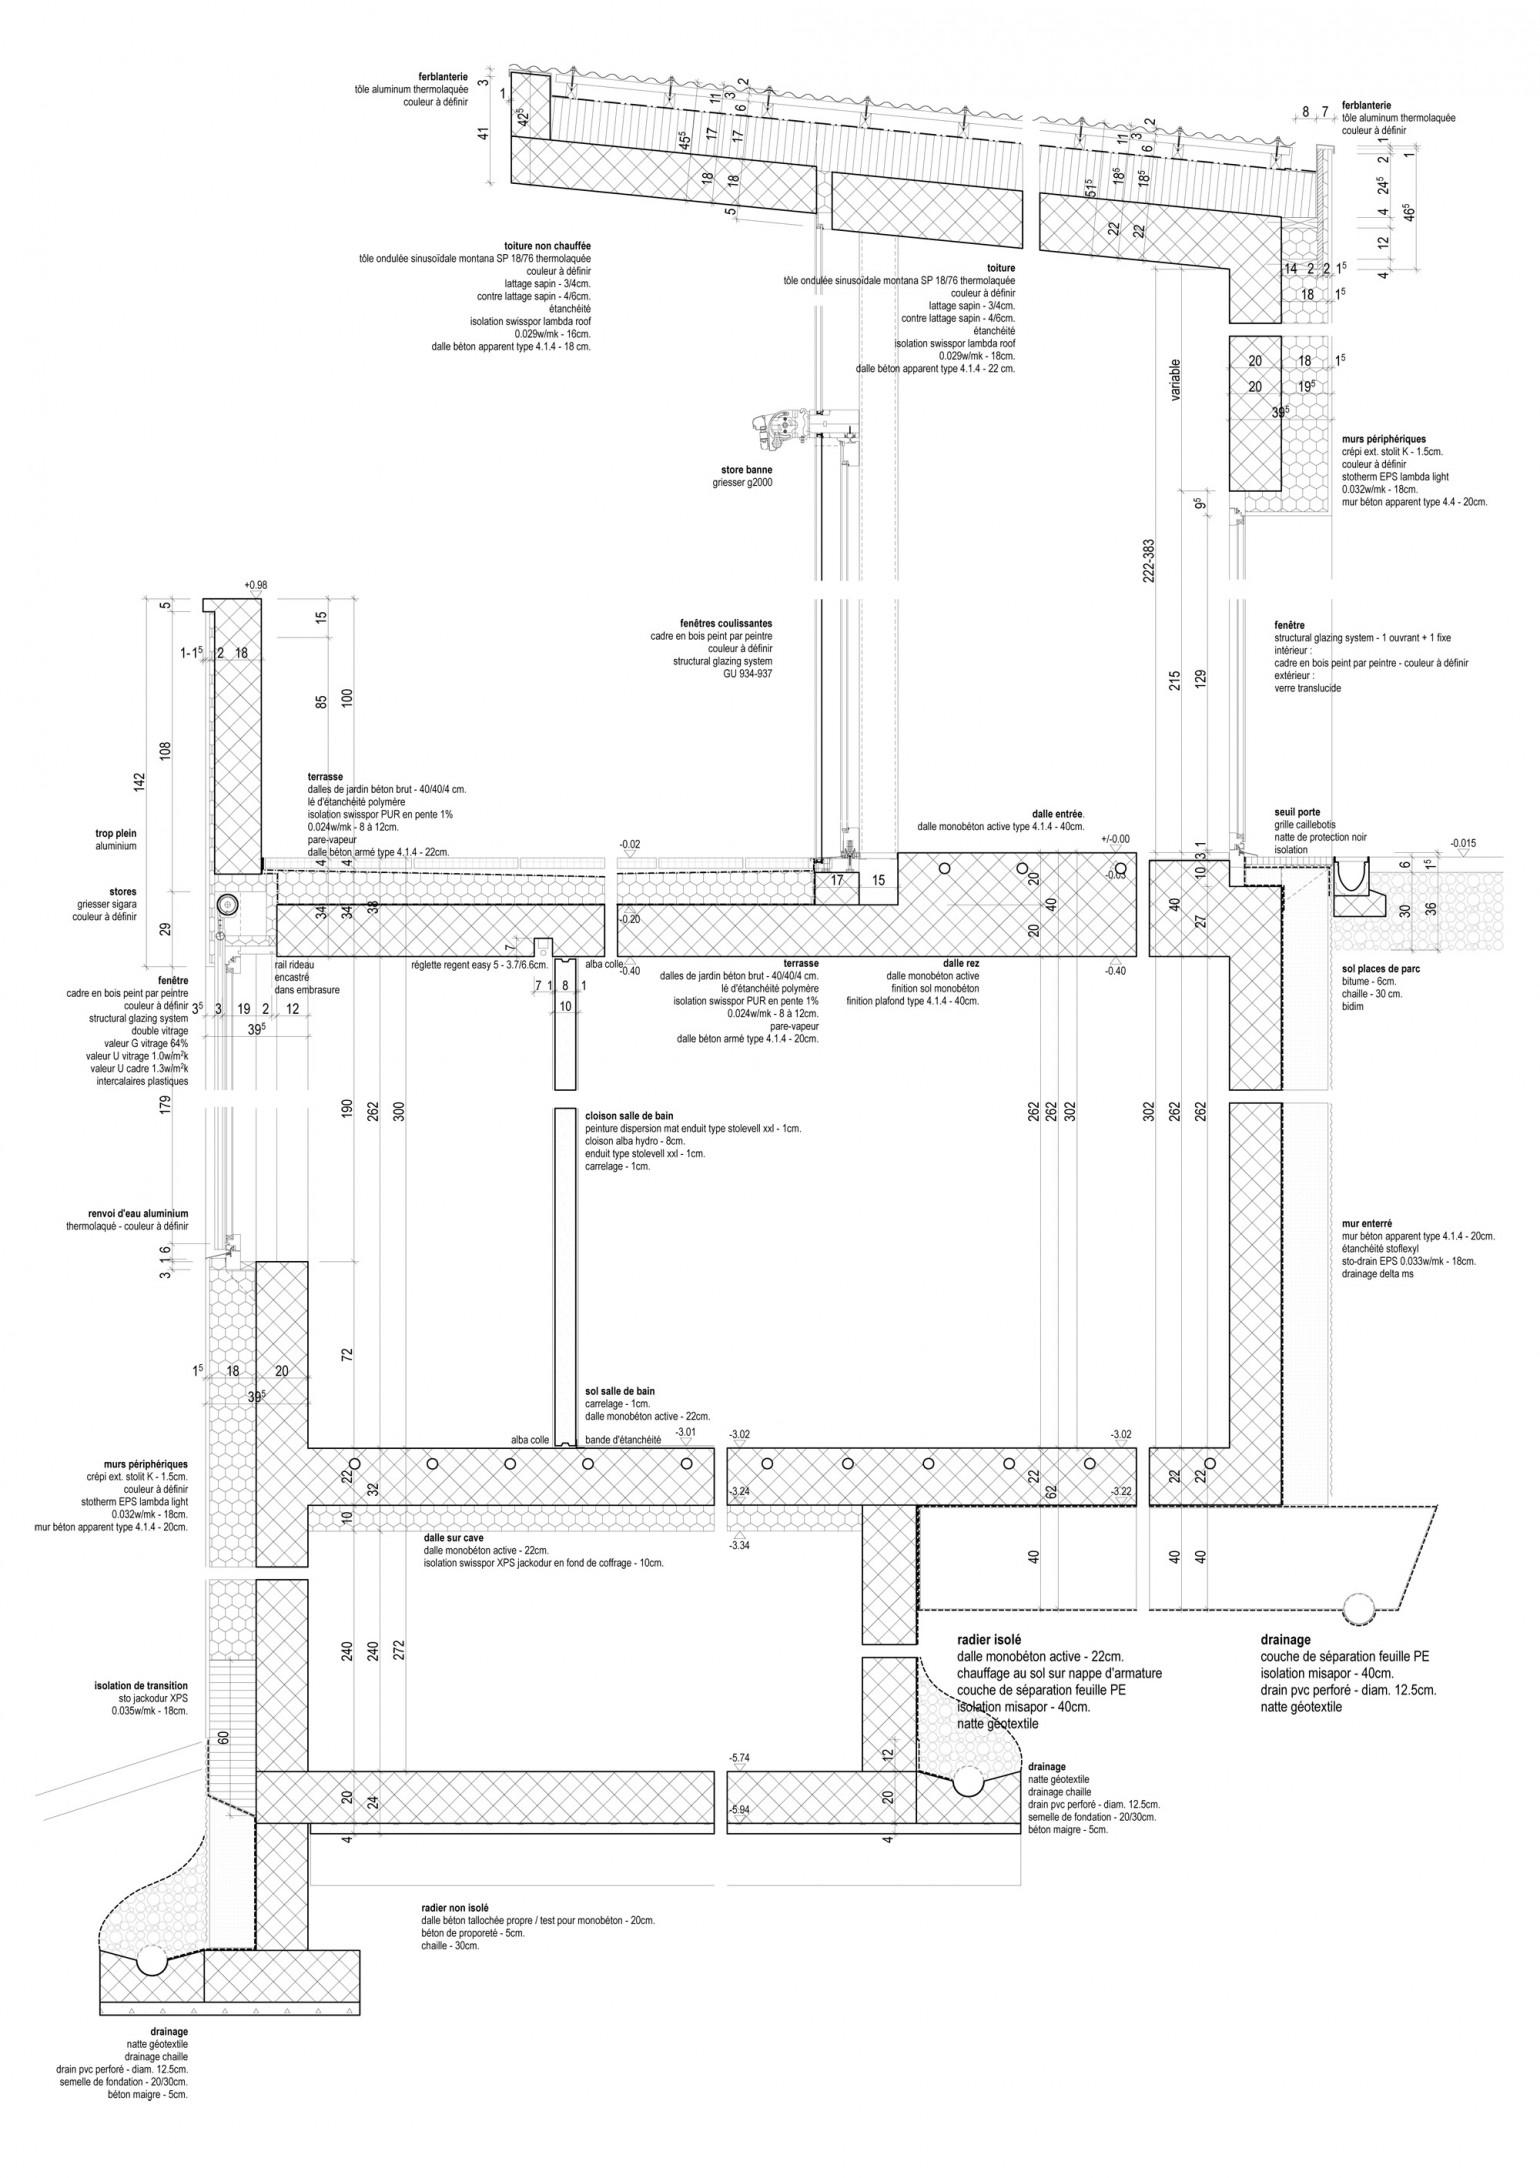 MIV details 12.04.26 _ 1. 1_20